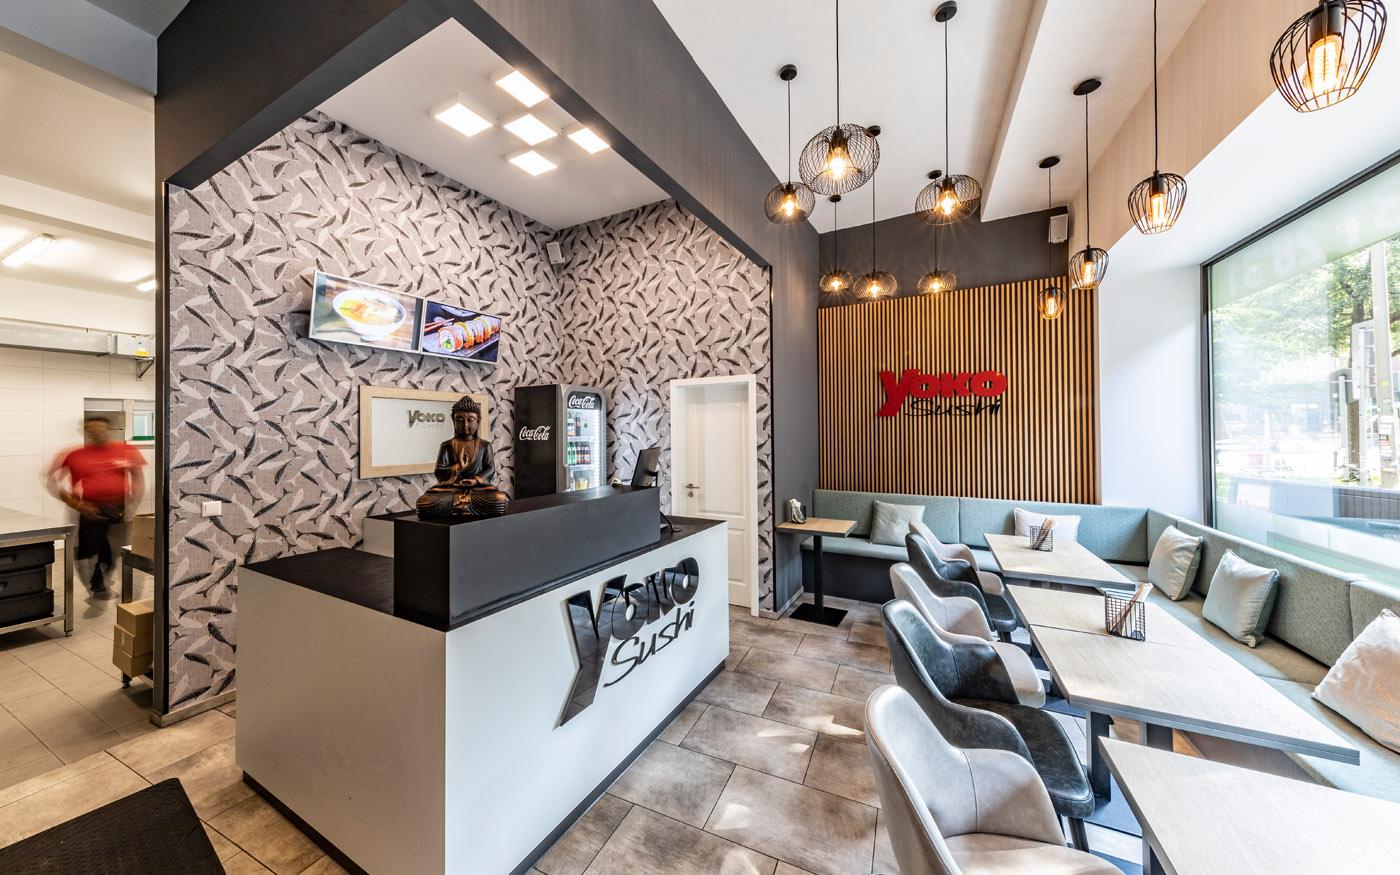 Marken-Interior für Yoko Sushi